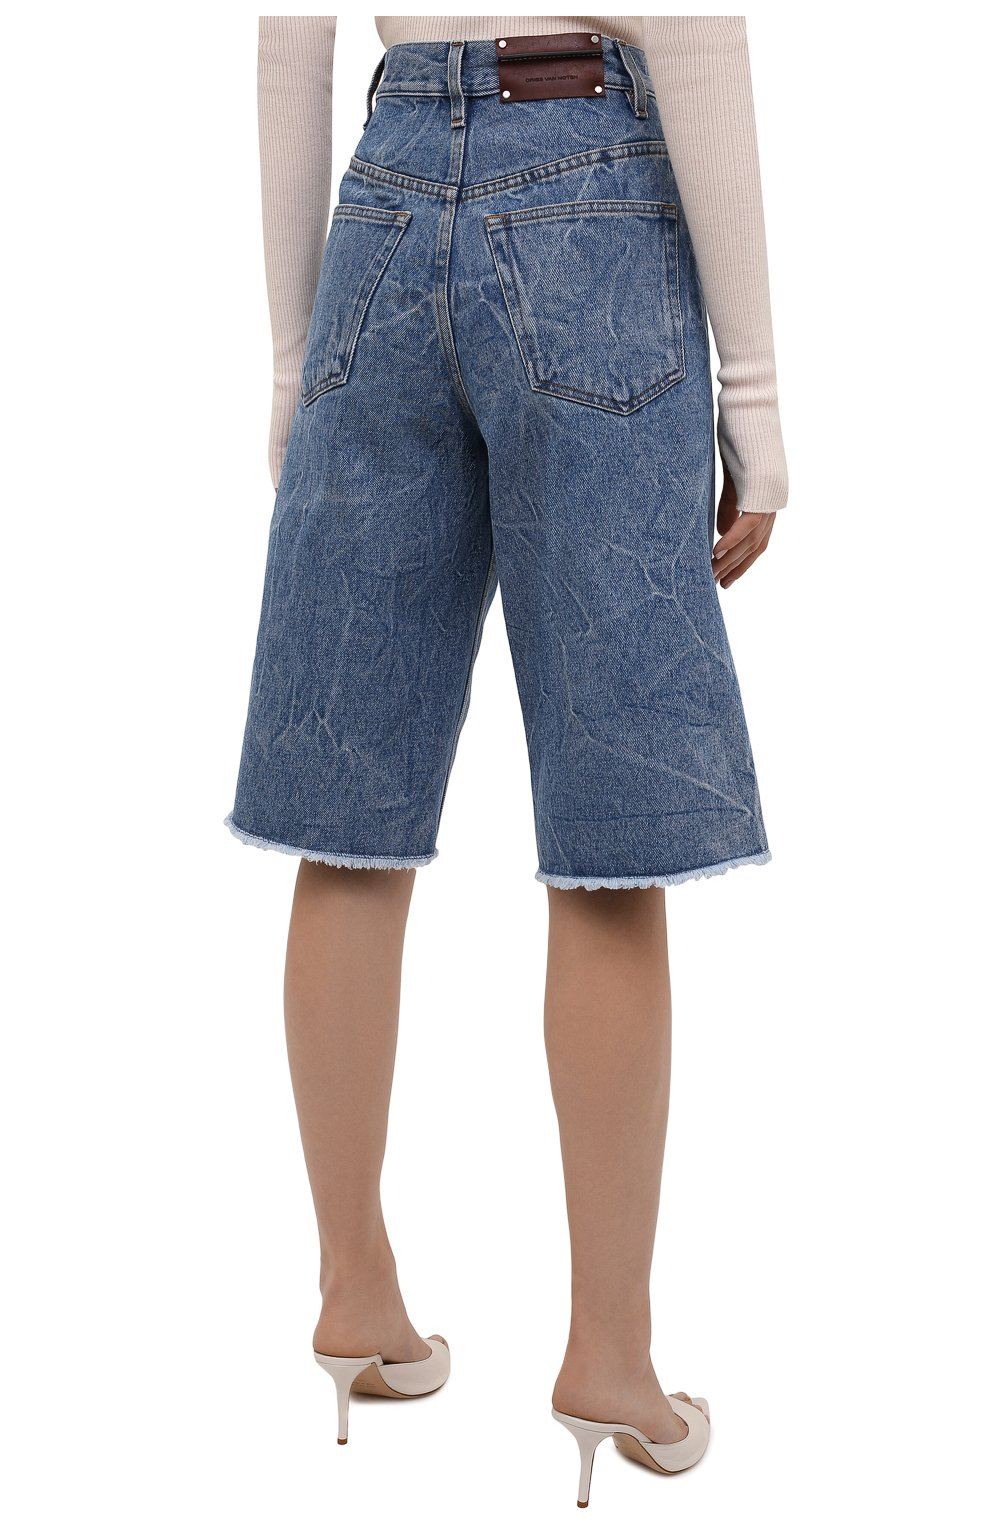 Женские джинсовые шорты DRIES VAN NOTEN синего цвета, арт. 212-012406-3381   Фото 4 (Женское Кросс-КТ: Шорты-одежда; Кросс-КТ: Деним; Стили: Гранж; Материал внешний: Хлопок; Длина Ж (юбки, платья, шорты): Миди)